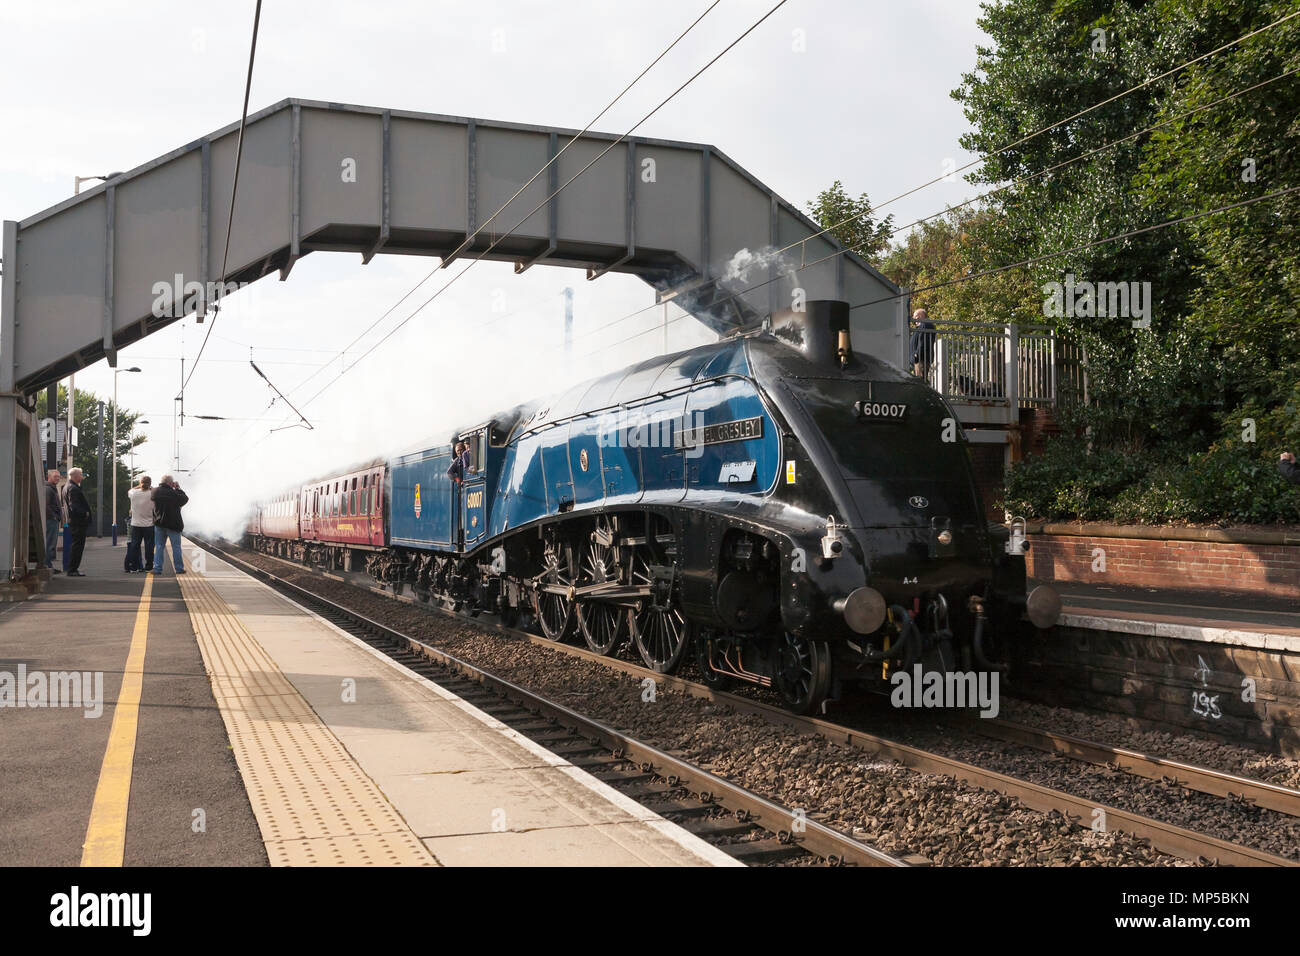 ex-lner-a4-steam-locomotive-60007-sir-ni